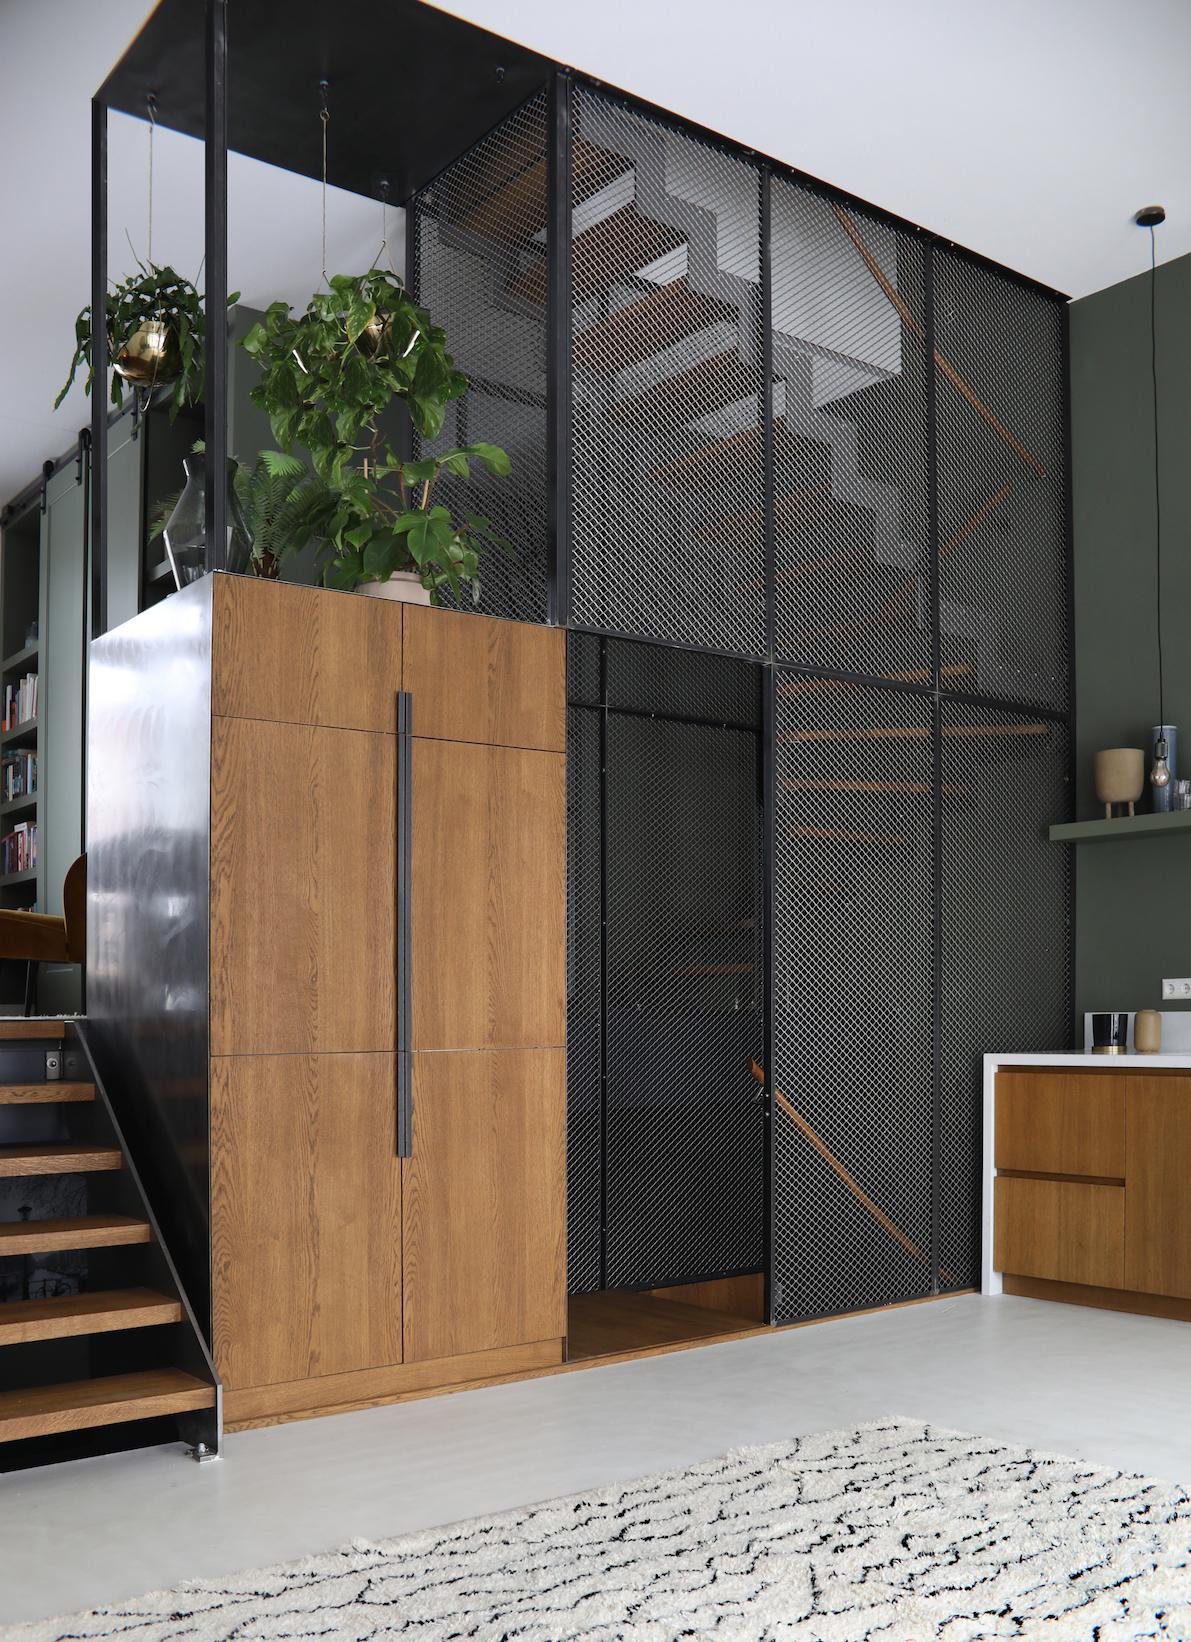 _interieurarchitect_binnenhuisarchitect_den+haag_form+makers_project_jellevandeschoor_fm1908.jpg